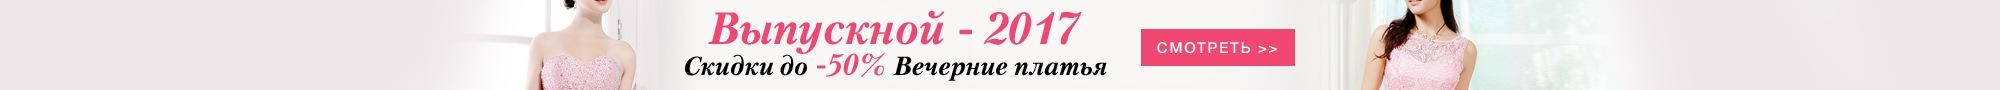 Скидки от -16% до -50% на коллекцию Выпускной - 2017